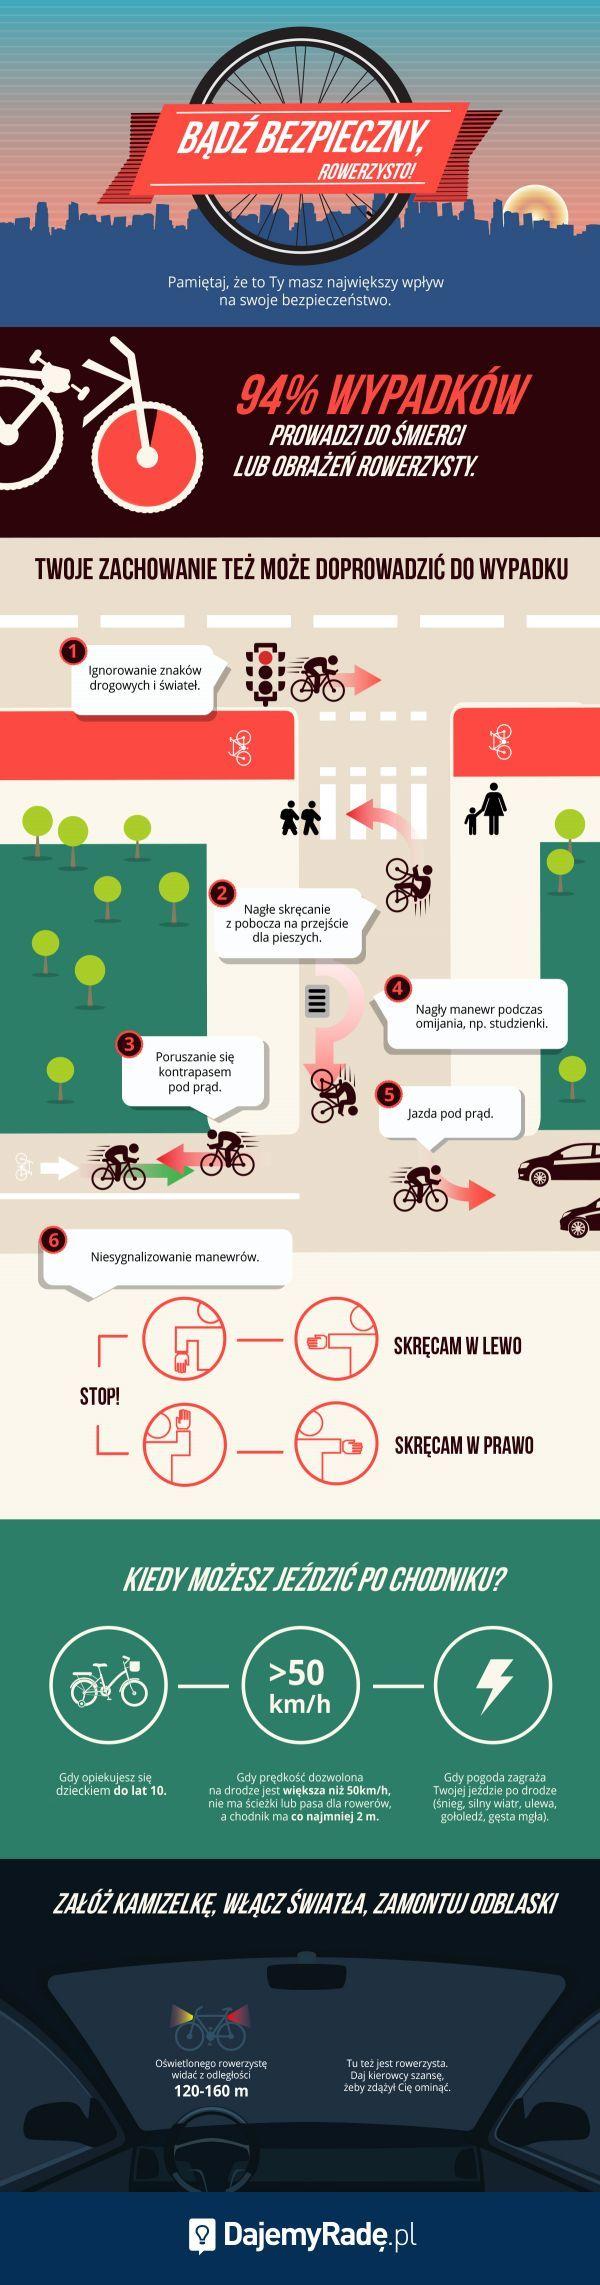 Wzajemne oskarżenia rowerzystów i kierowców nie mają końca. A wina - jak zawsze - leży pośrodku. Sprawdź, czy na pewno umiesz jeździć na rowerze. #dajemyrade